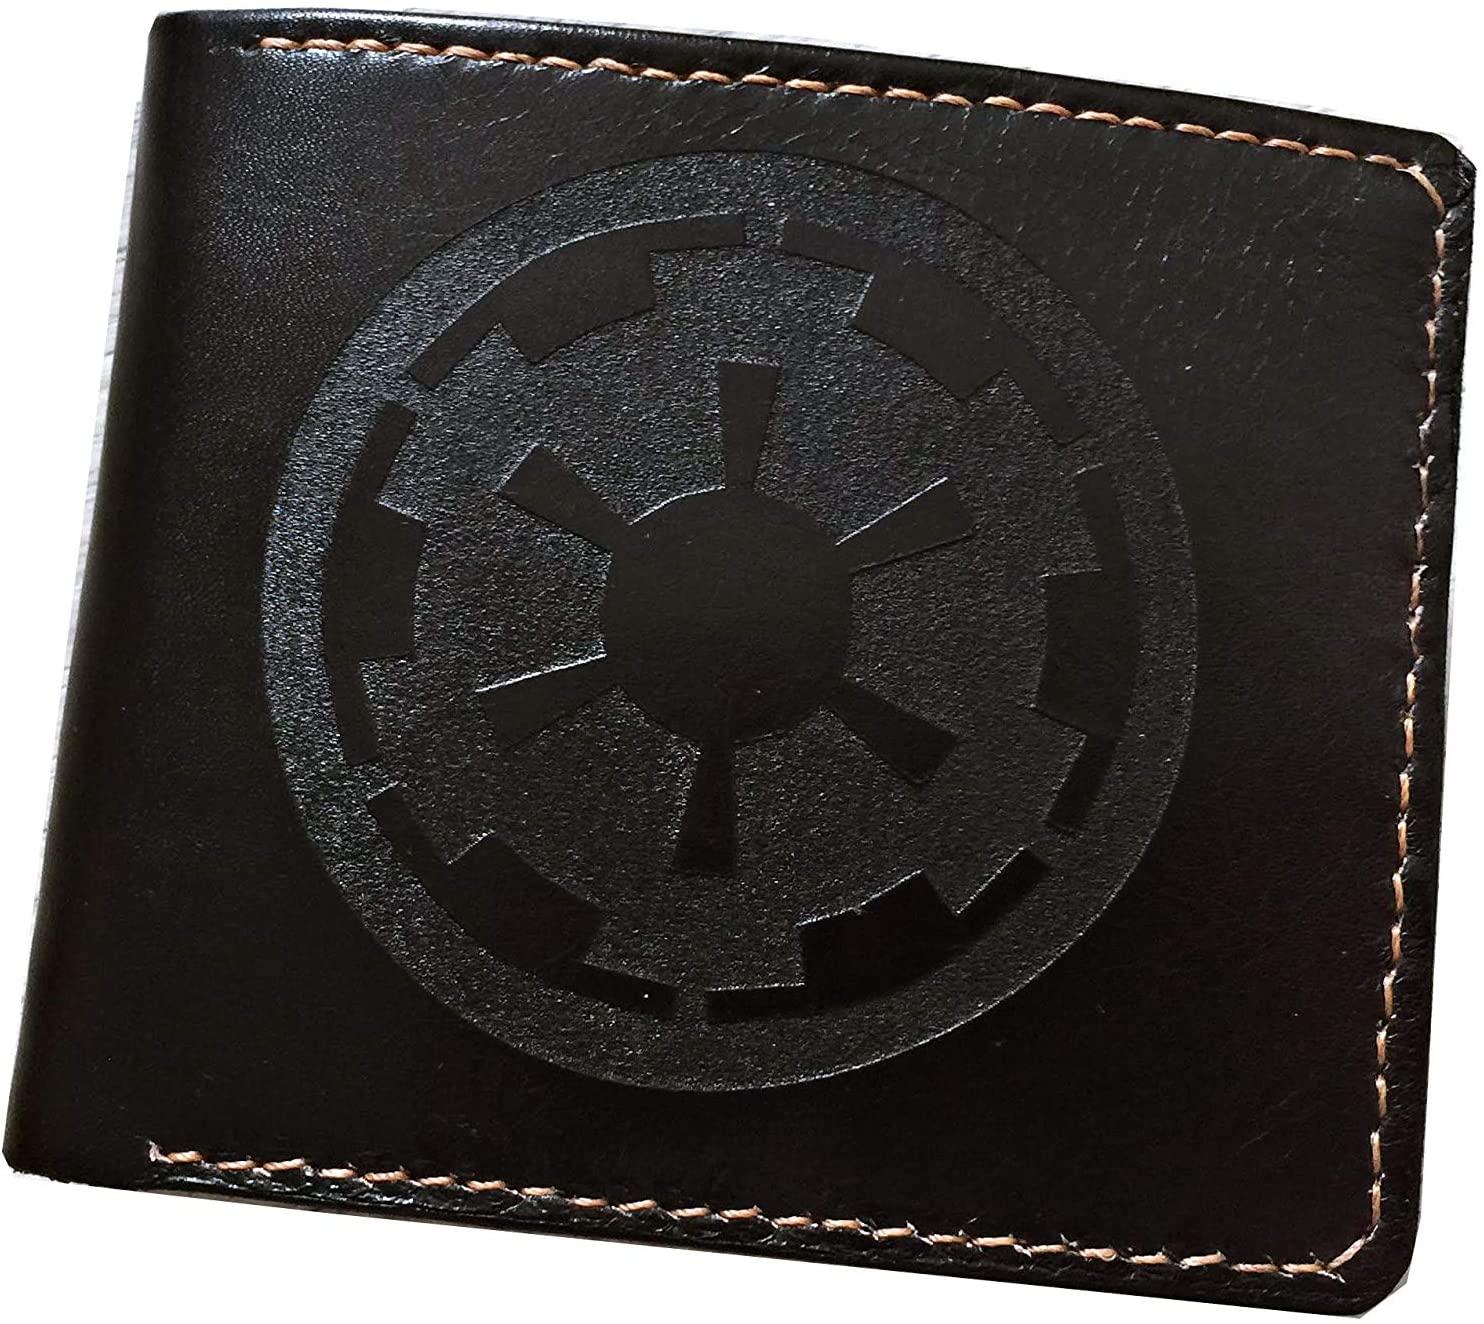 Unik4art - Starwars customized genuine leather handmade men's wallet, starwars gift for men - Imperial crest - 1BL